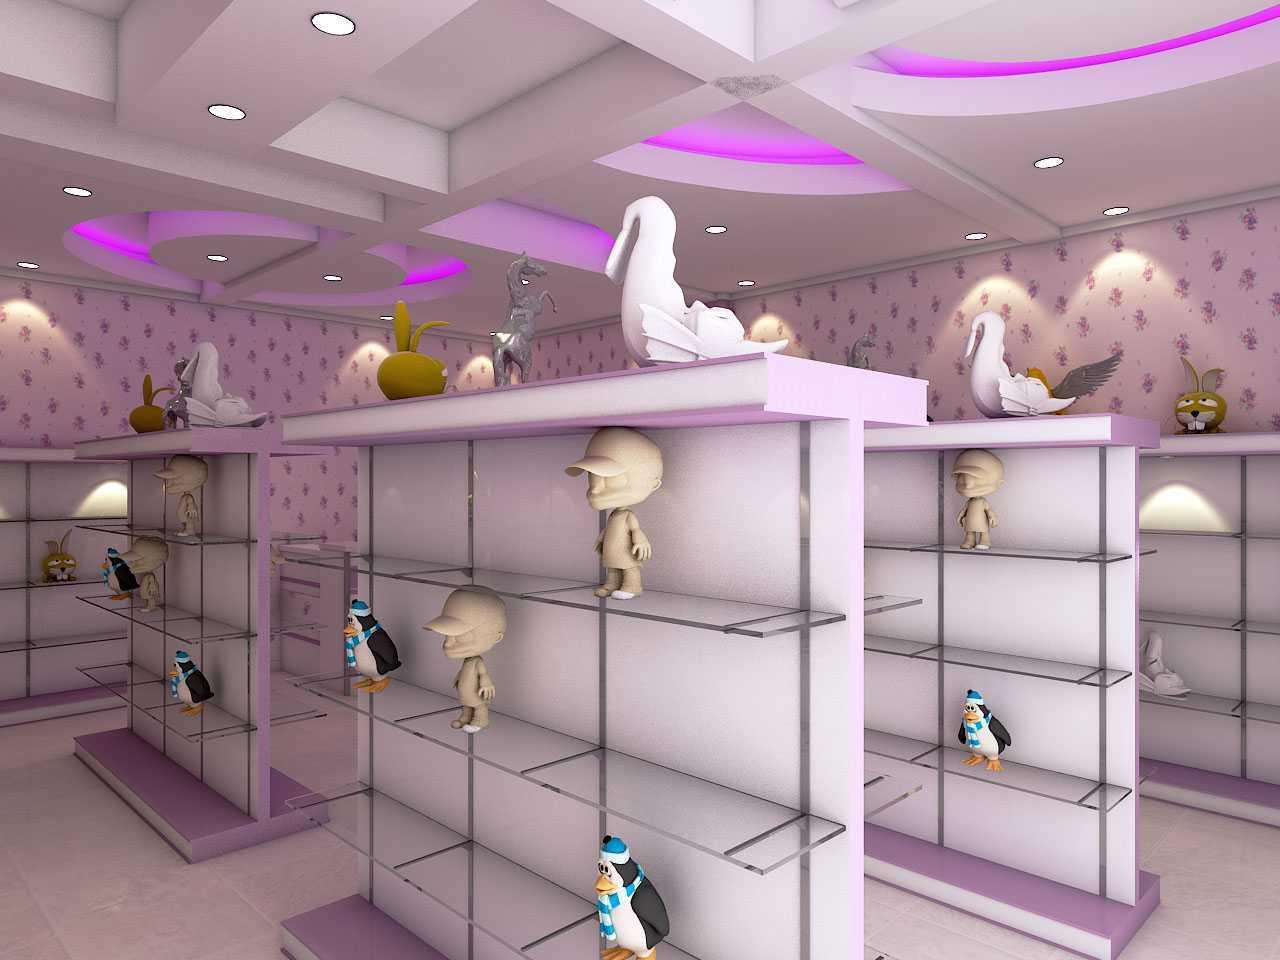 Arteta Interior Design & Furniture Toko Mainan~Purple Mood Surakarta, Kota Surakarta, Jawa Tengah, Indonesia Surakarta, Kota Surakarta, Jawa Tengah, Indonesia Toko Mainan Purple Mood - Display Area Contemporary  41549